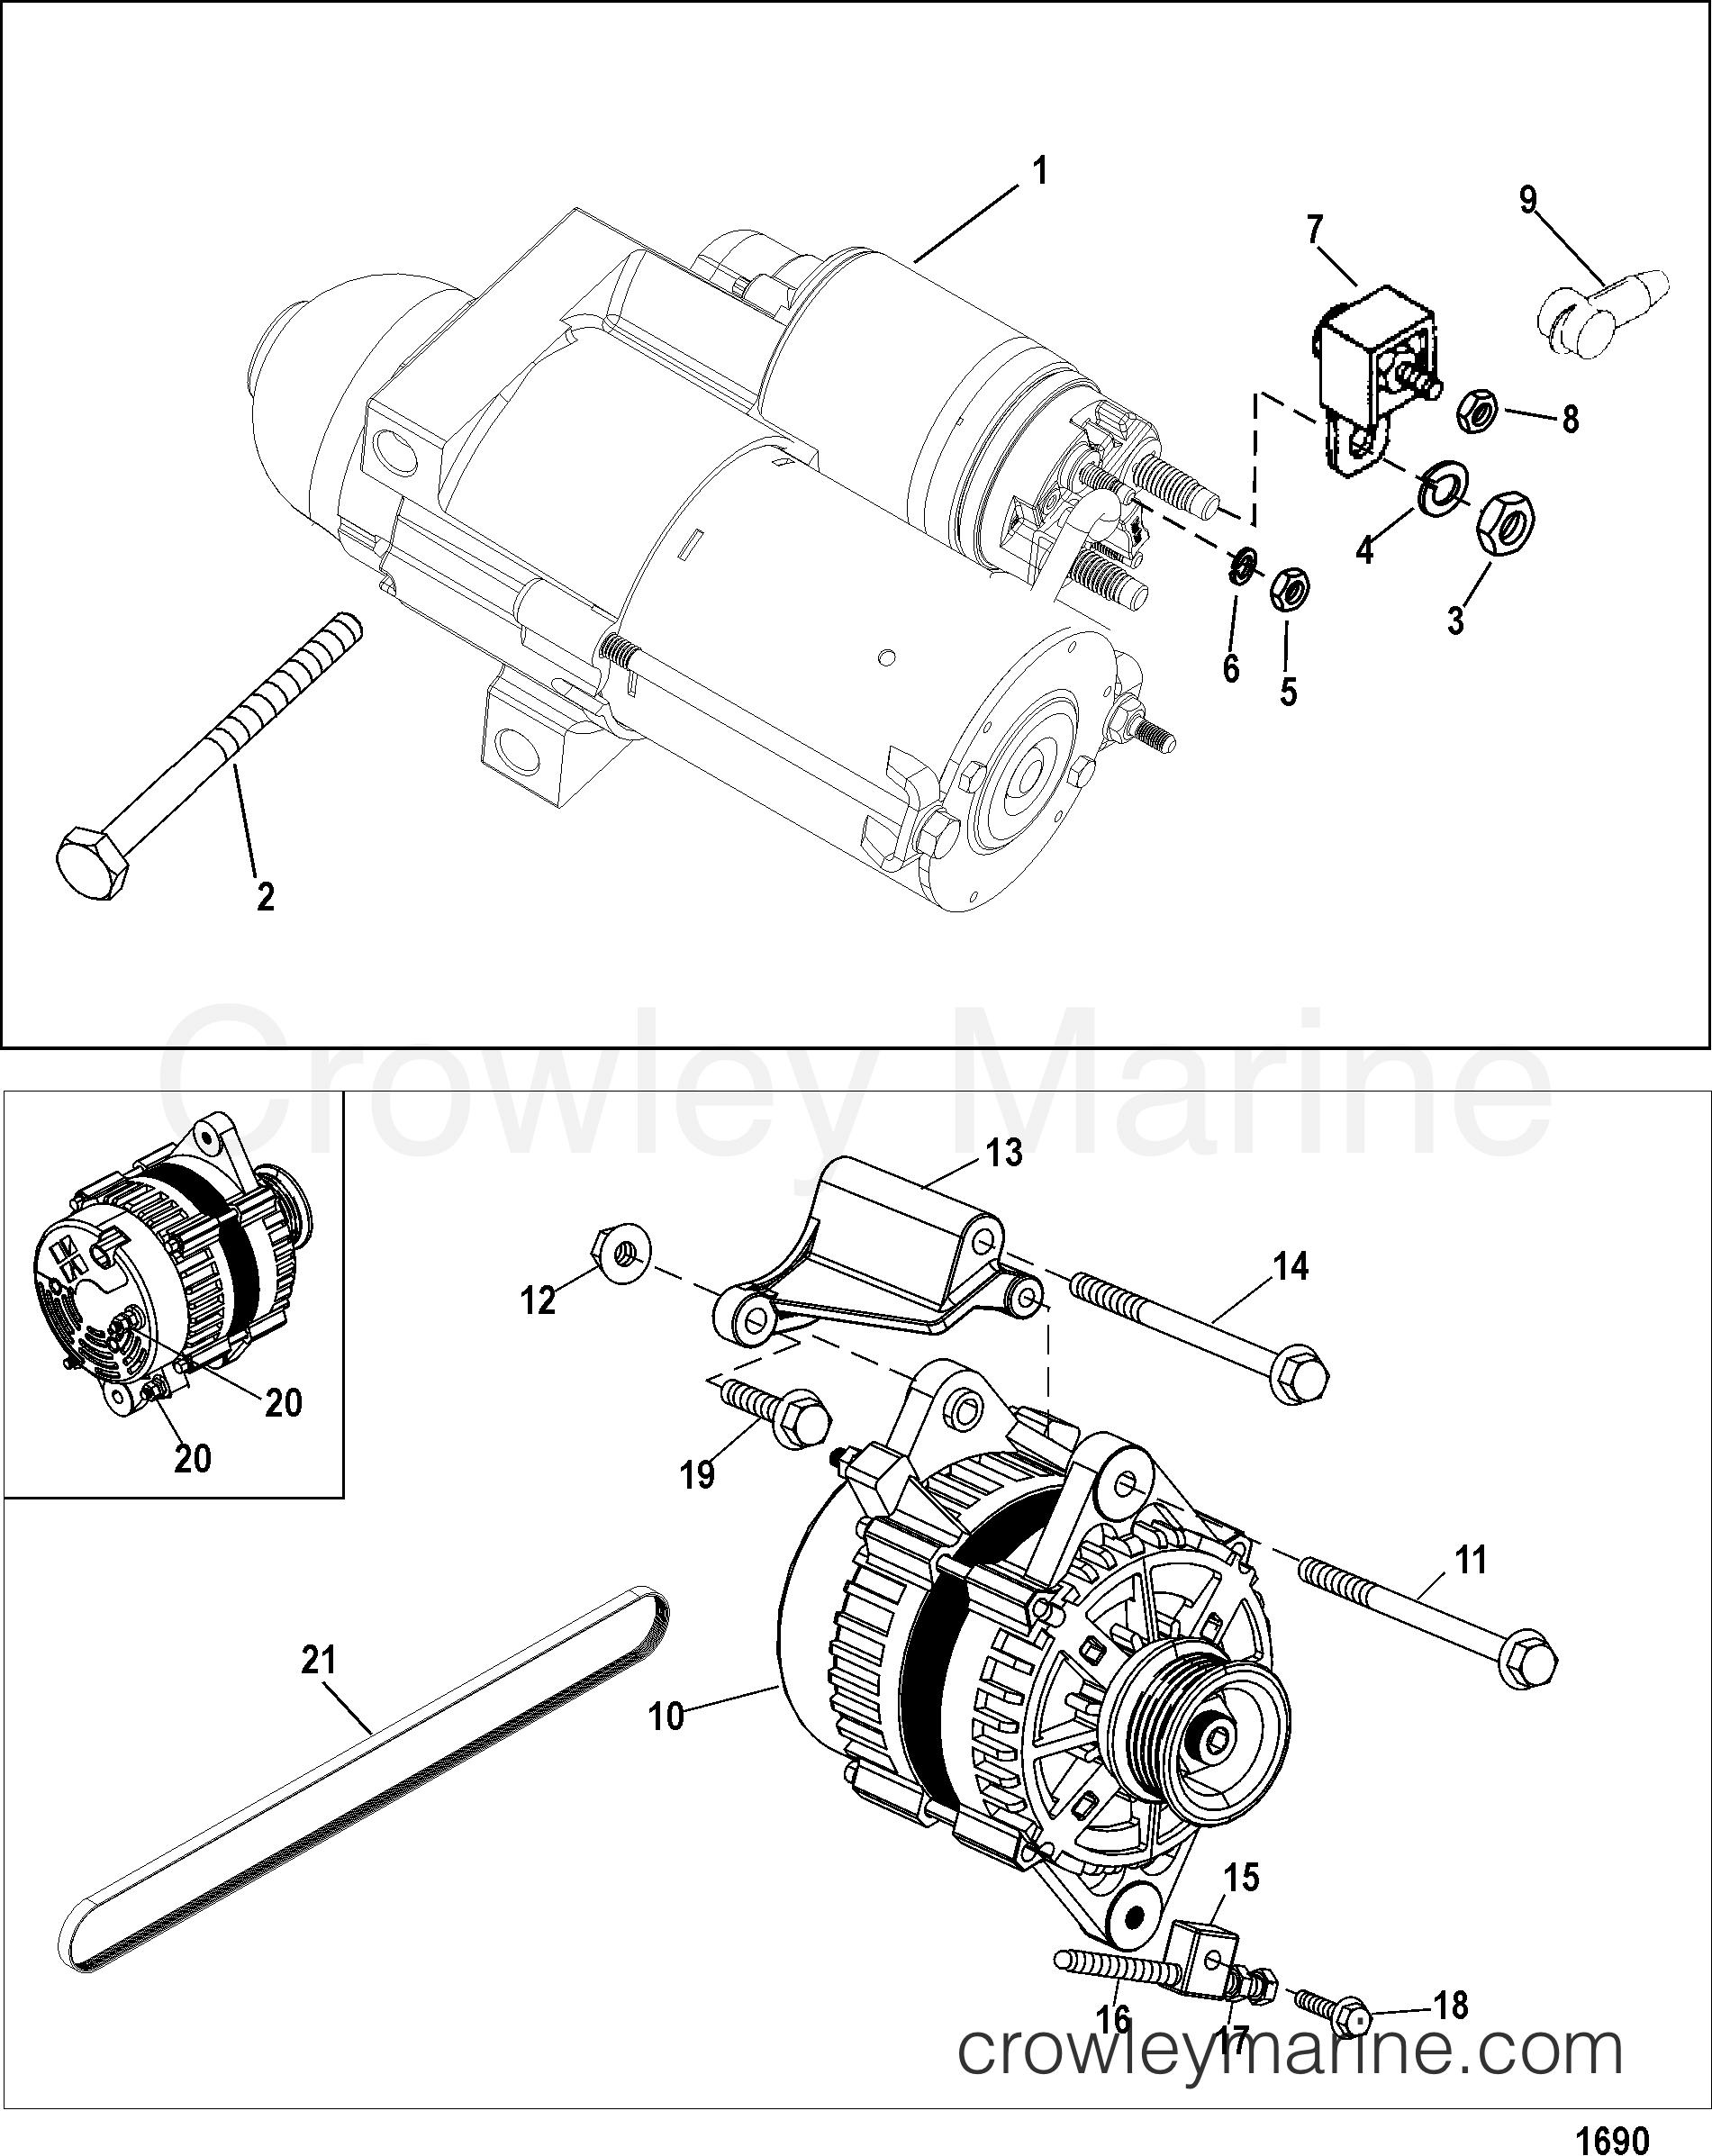 starter and alternator 1998 mercruiser 496 ho br mpi 5.0 Mercruiser Engine Wiring Diagram Mercruiser 5.0L Complete Engine